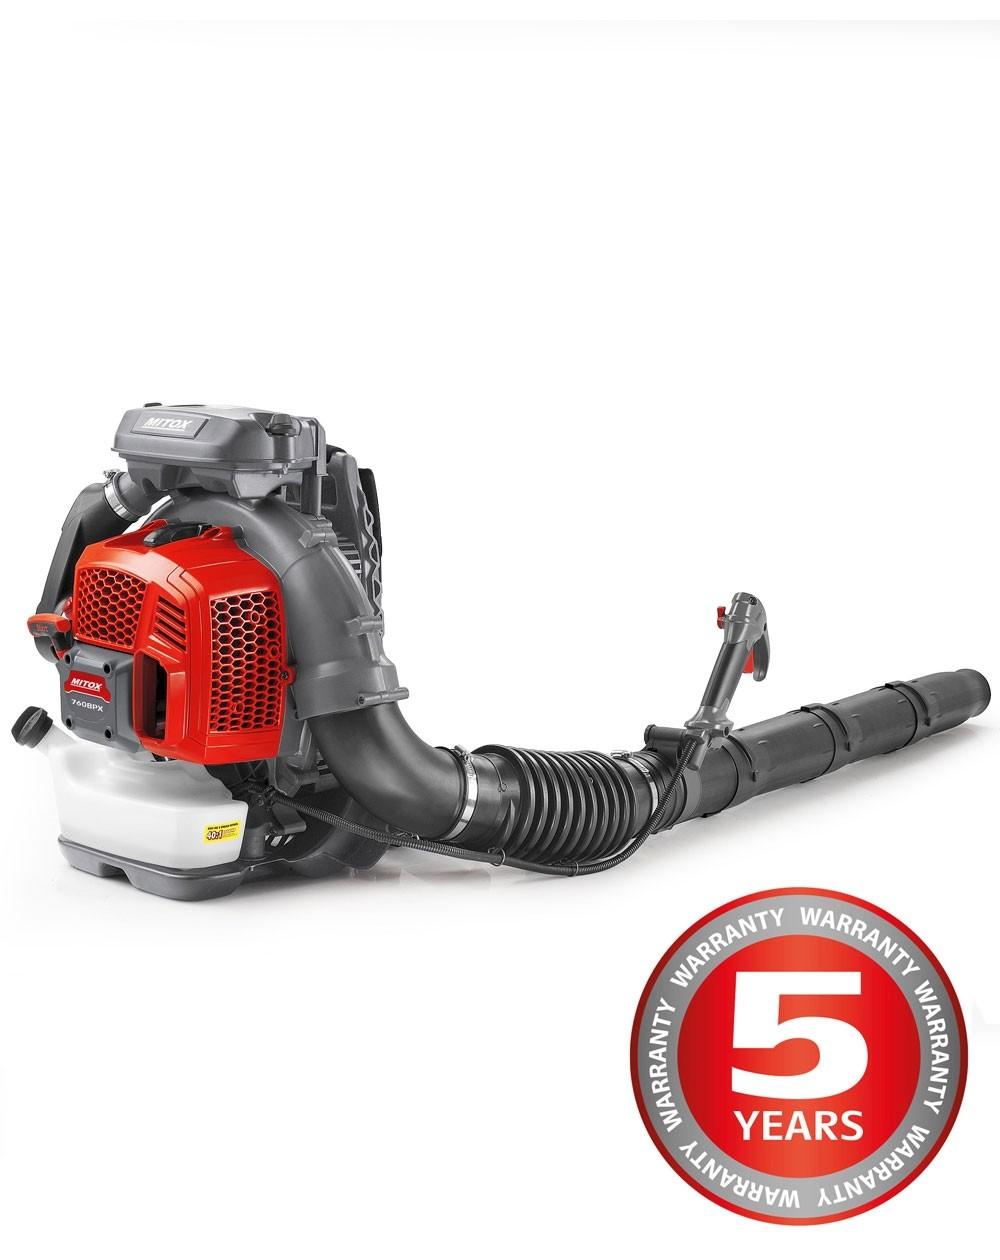 Mitox 760BPX leaf blower